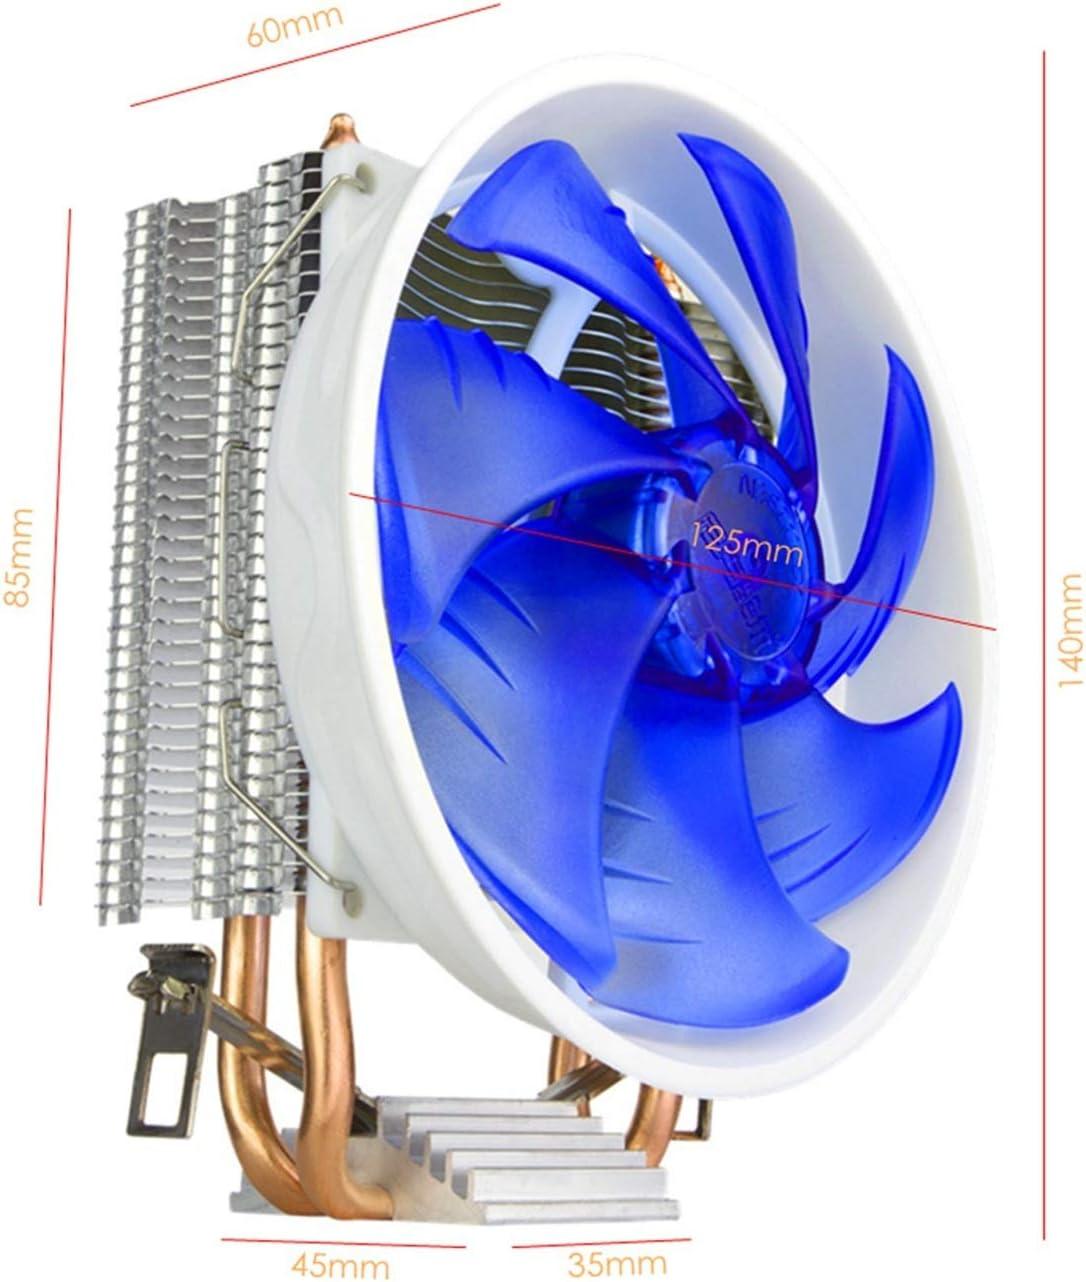 Range Tranquilo CPU Cooler 2 Tubo de Calor LED Ventilador de CPU para LGA 775/1150 / 1151/1155/1156/1366, AM4 / AM3 / AM2 Fácil de Transportar e Instalar